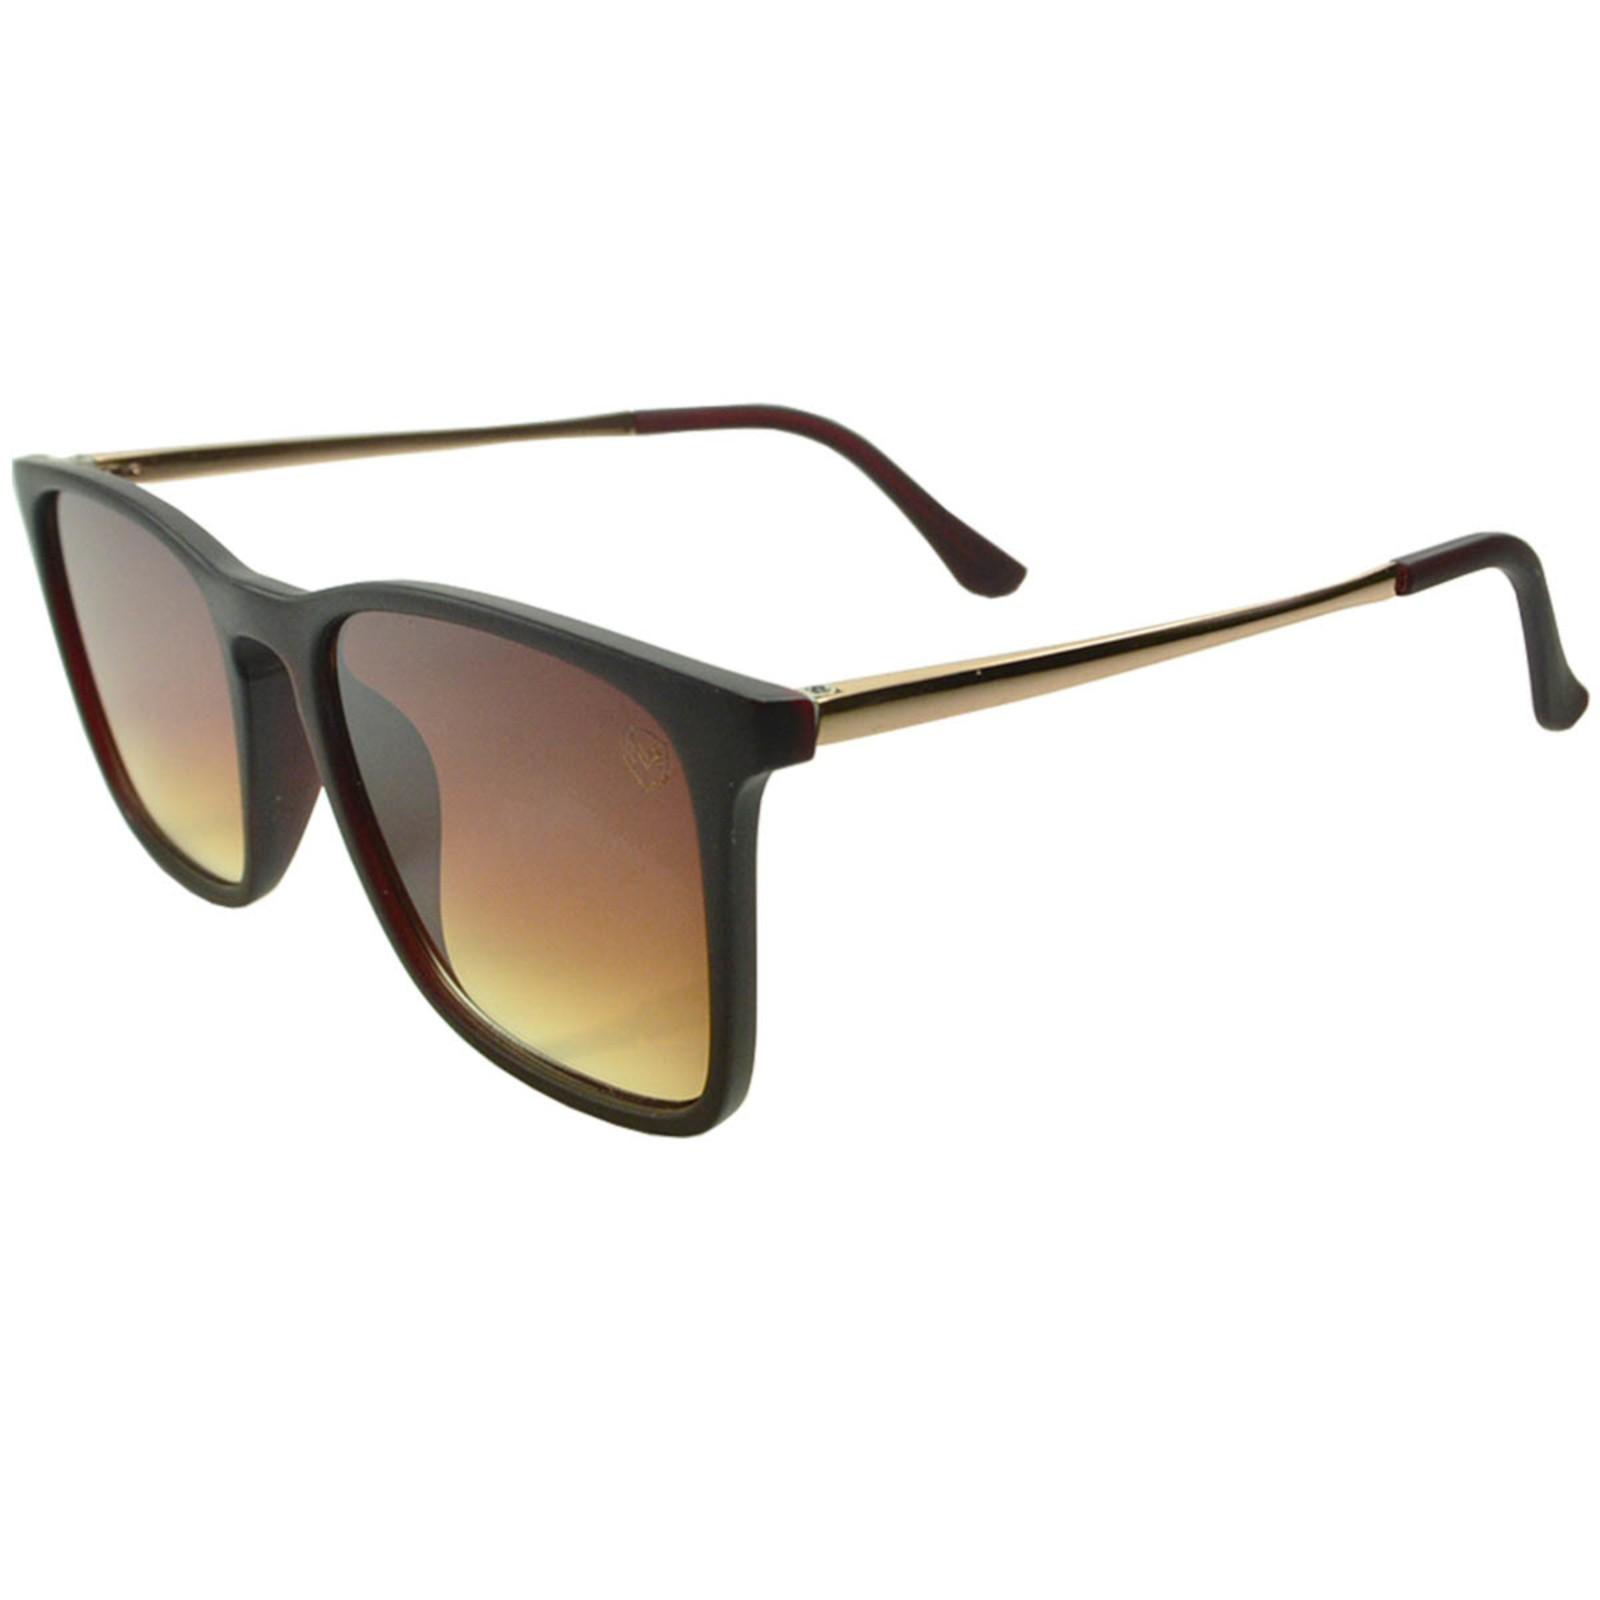 Óculos De Sol Mackage Unissex Acetato Retangular Flat - Marrom